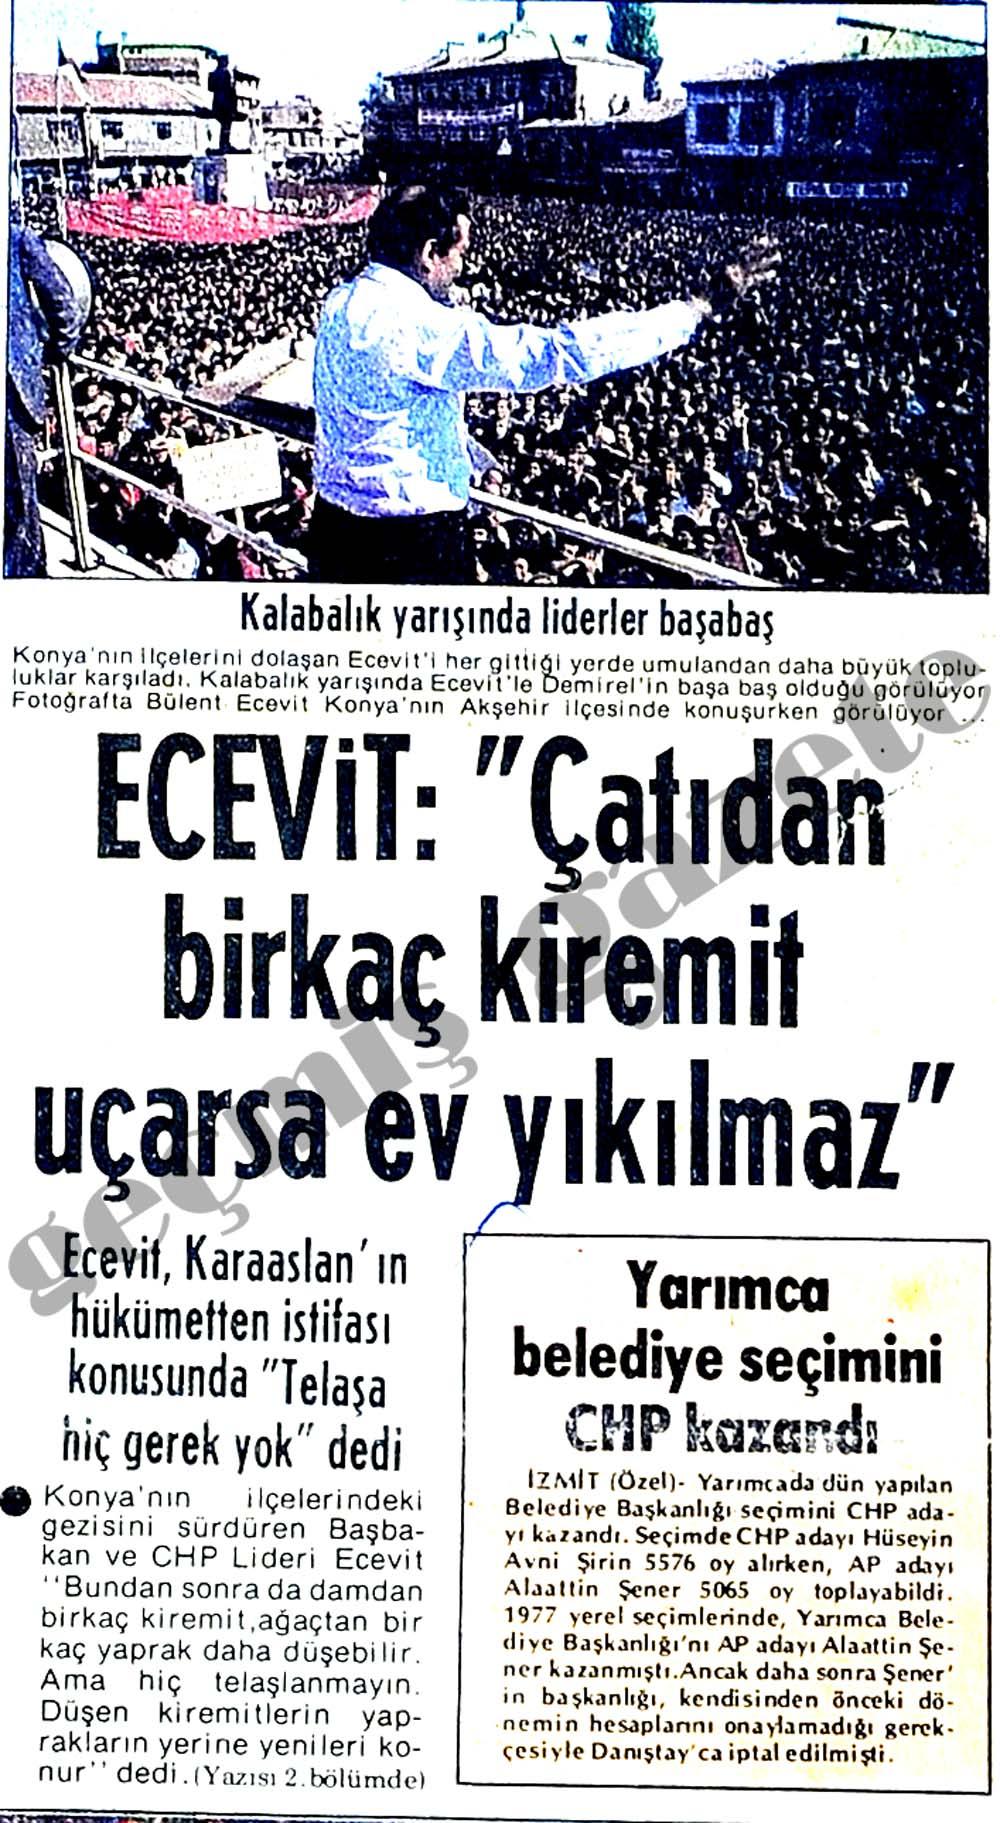 """Ecevit: """"Çatıdan birkaç kiremit uçarsa ev yıkılmaz"""""""